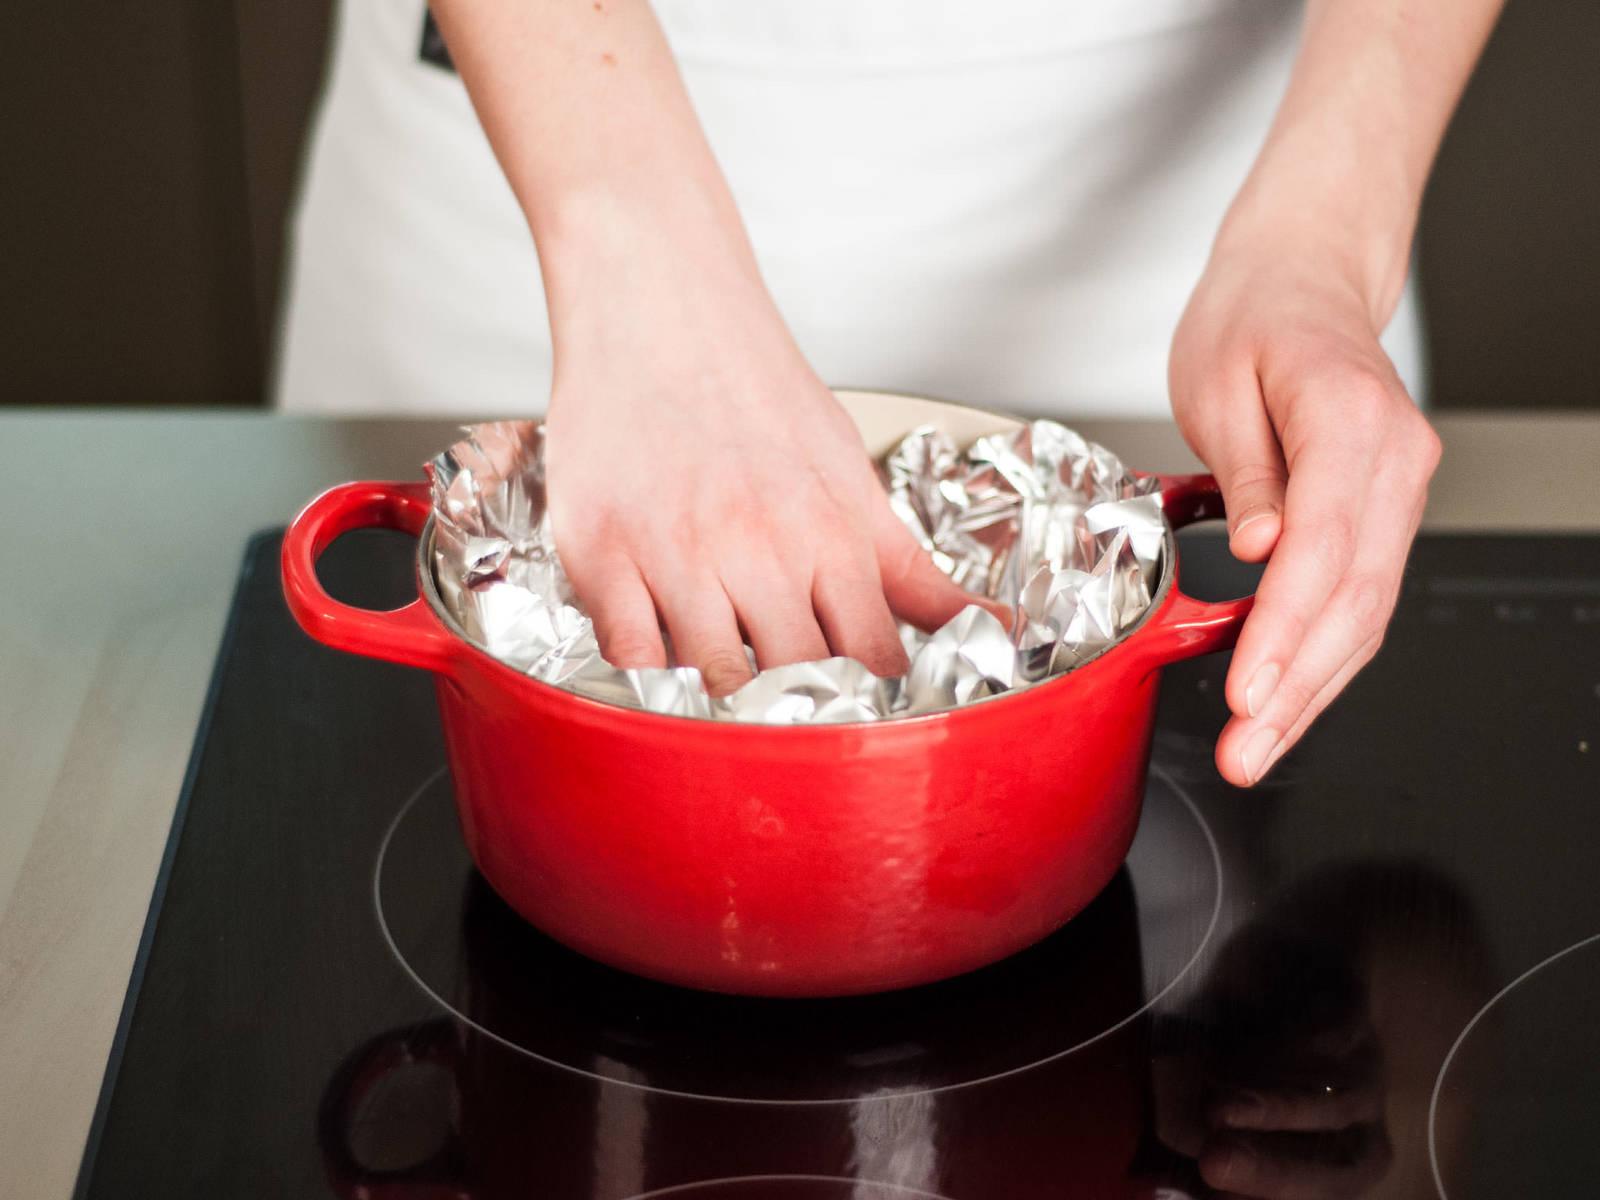 停止加热后用锡纸盖上,焖3-4分钟,令肉质变得鲜嫩。